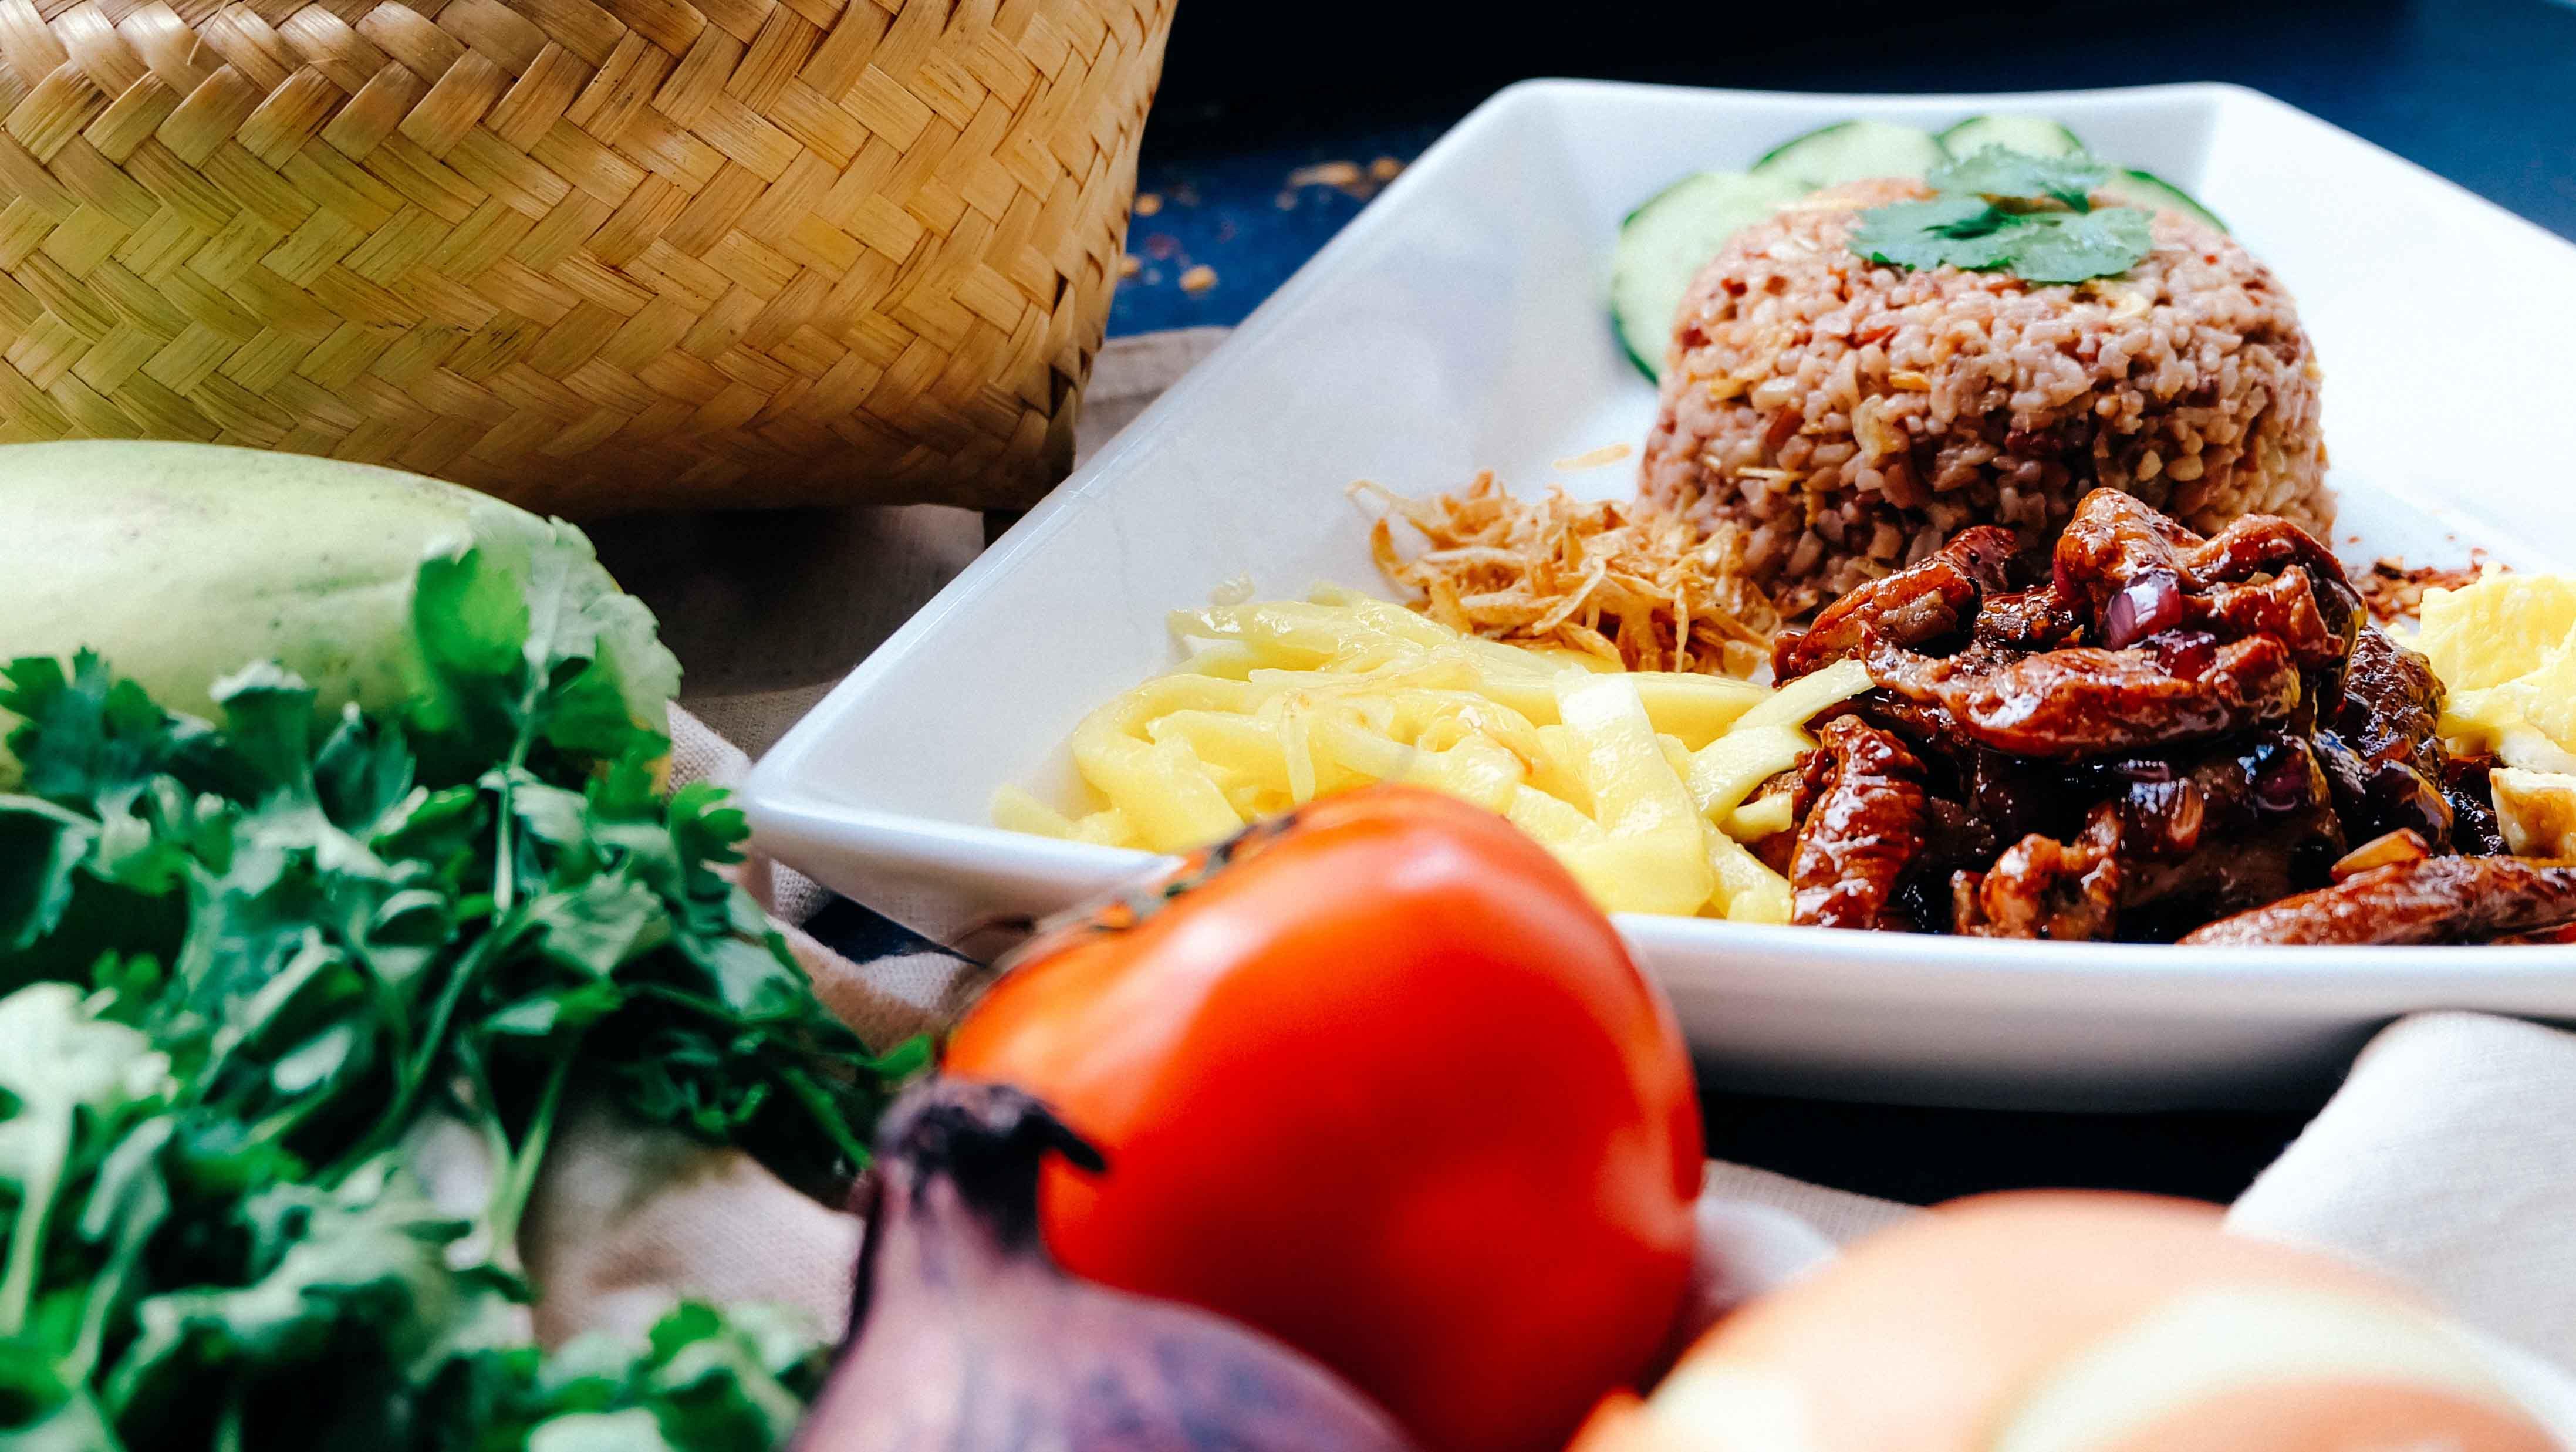 Platos con alimentos de apariencia sana